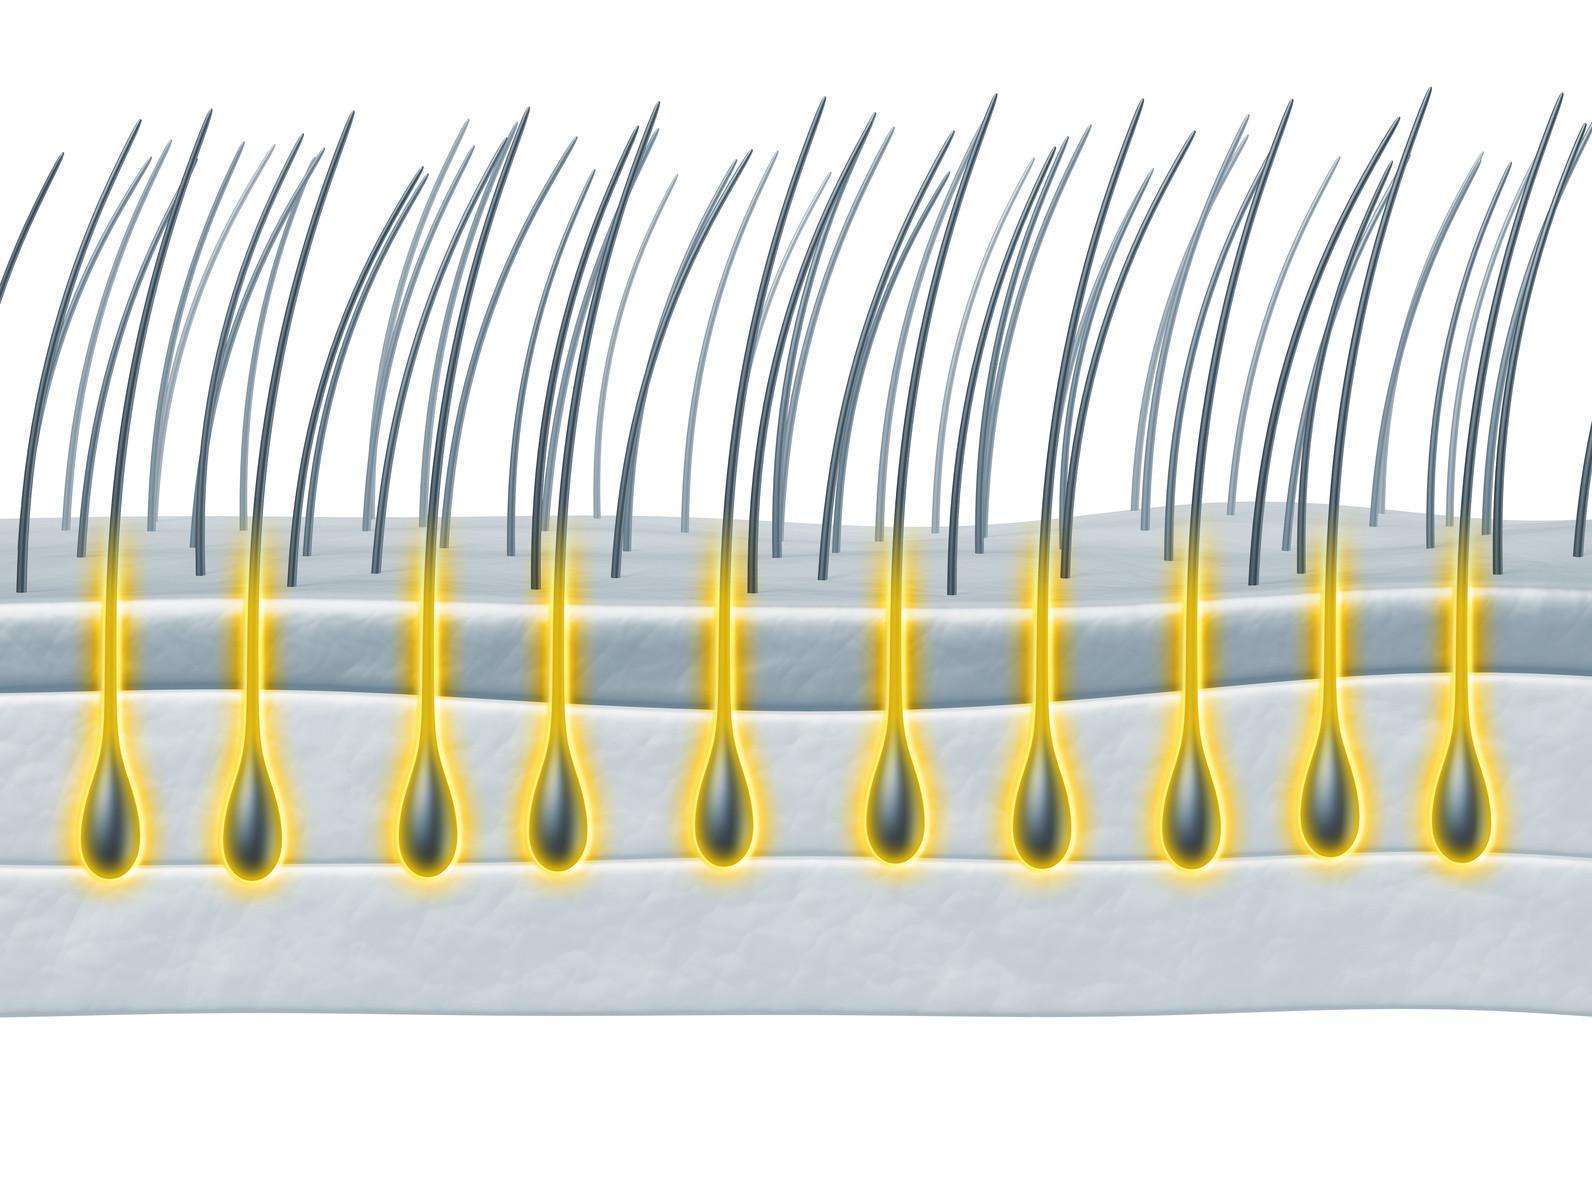 Haarausfall mit Wurzel